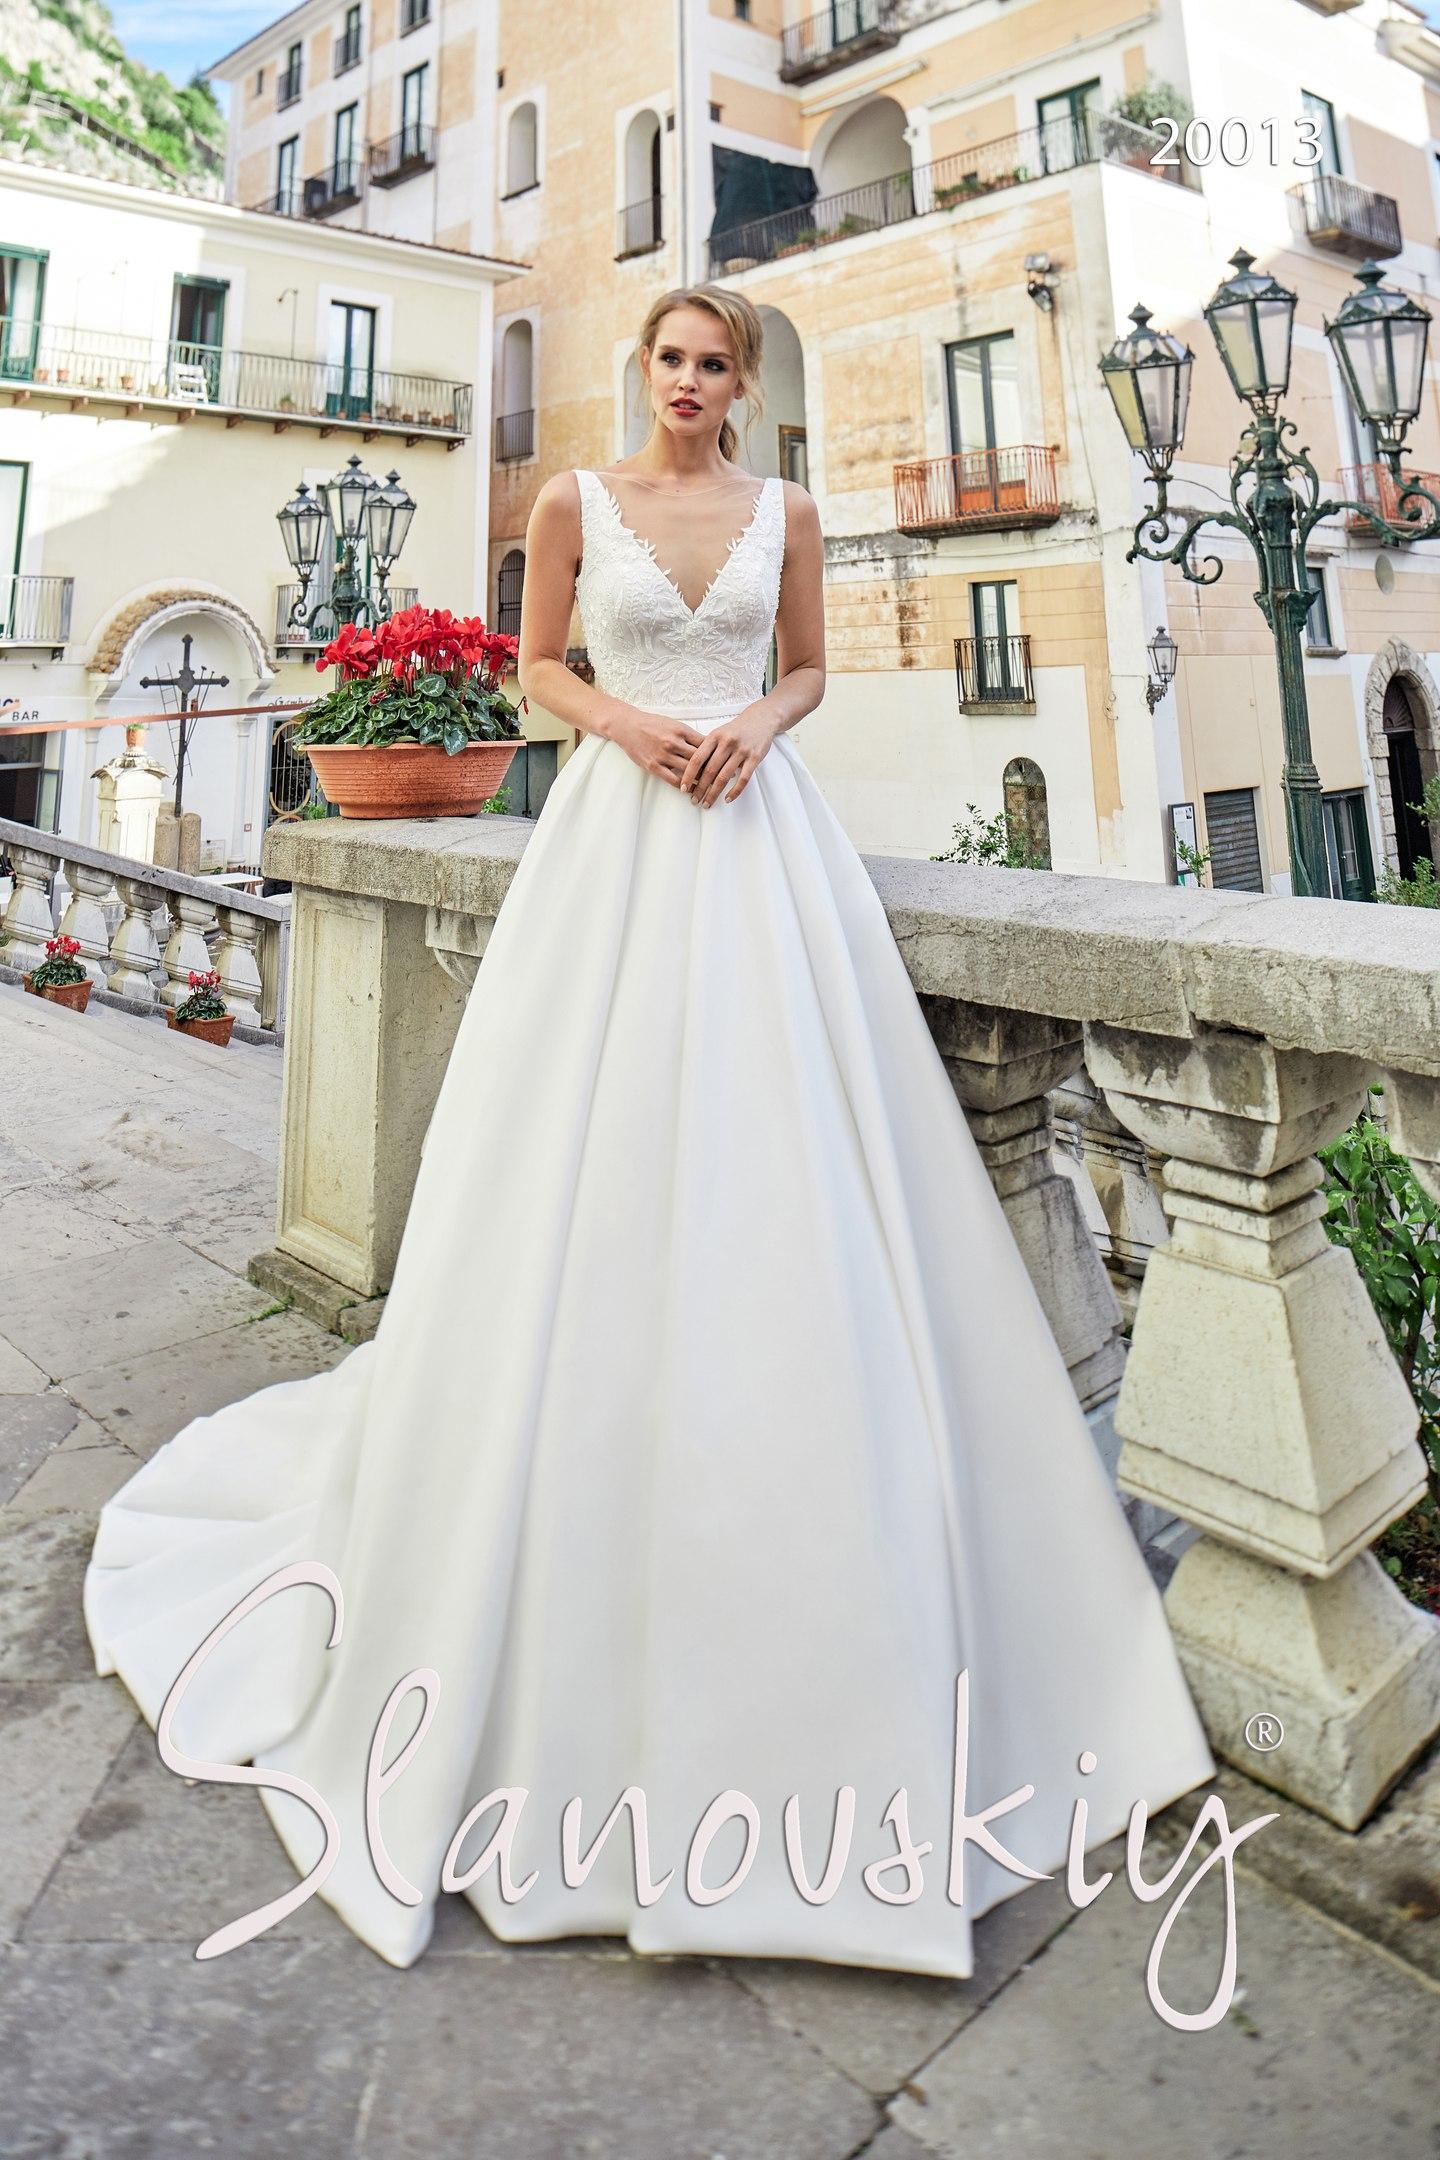 8a92991c583 Распродажа свадебных платьев. 3 этаж